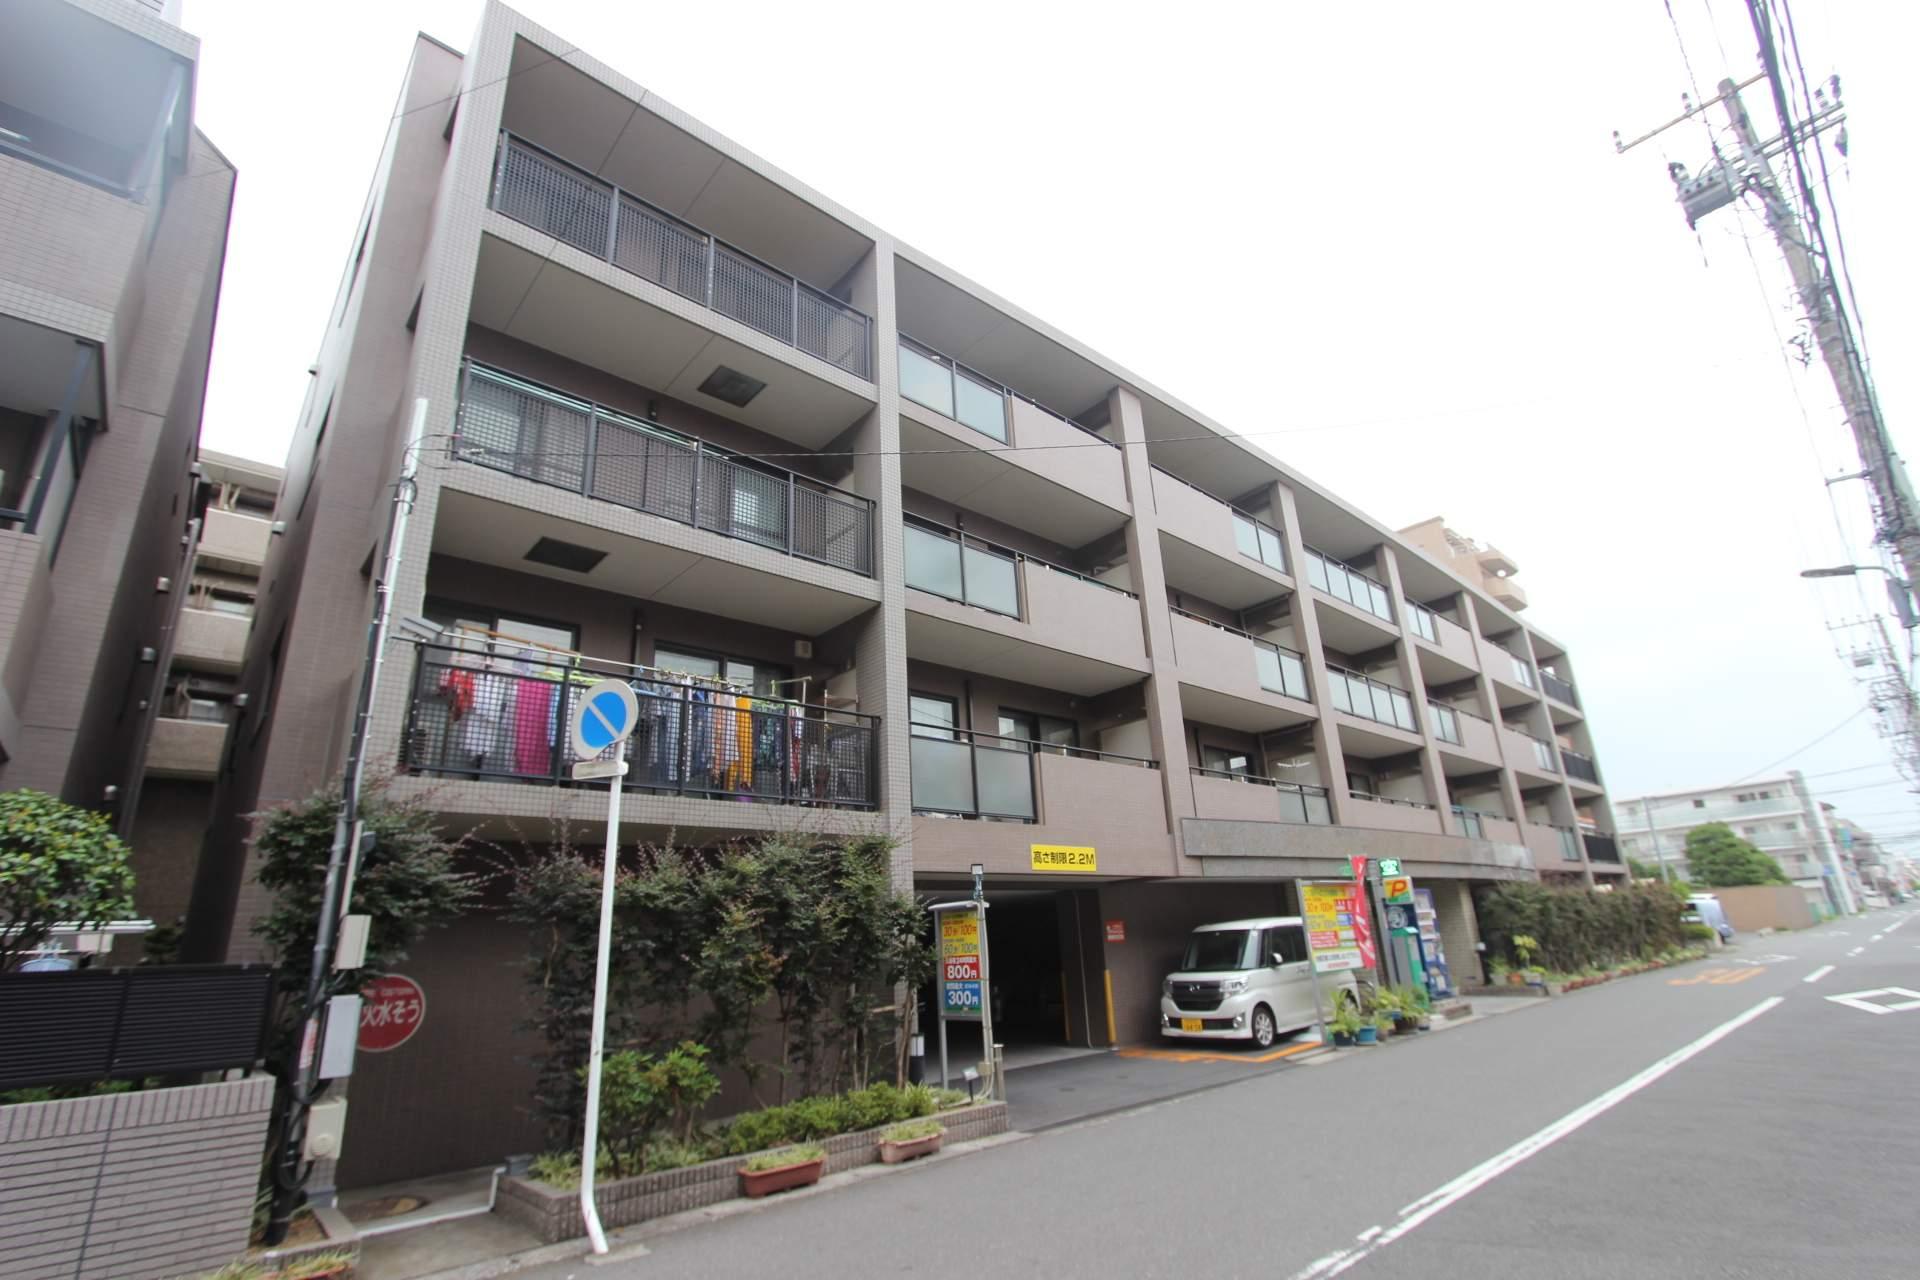 千葉県市川市、市川塩浜駅徒歩29分の築18年 4階建の賃貸マンション